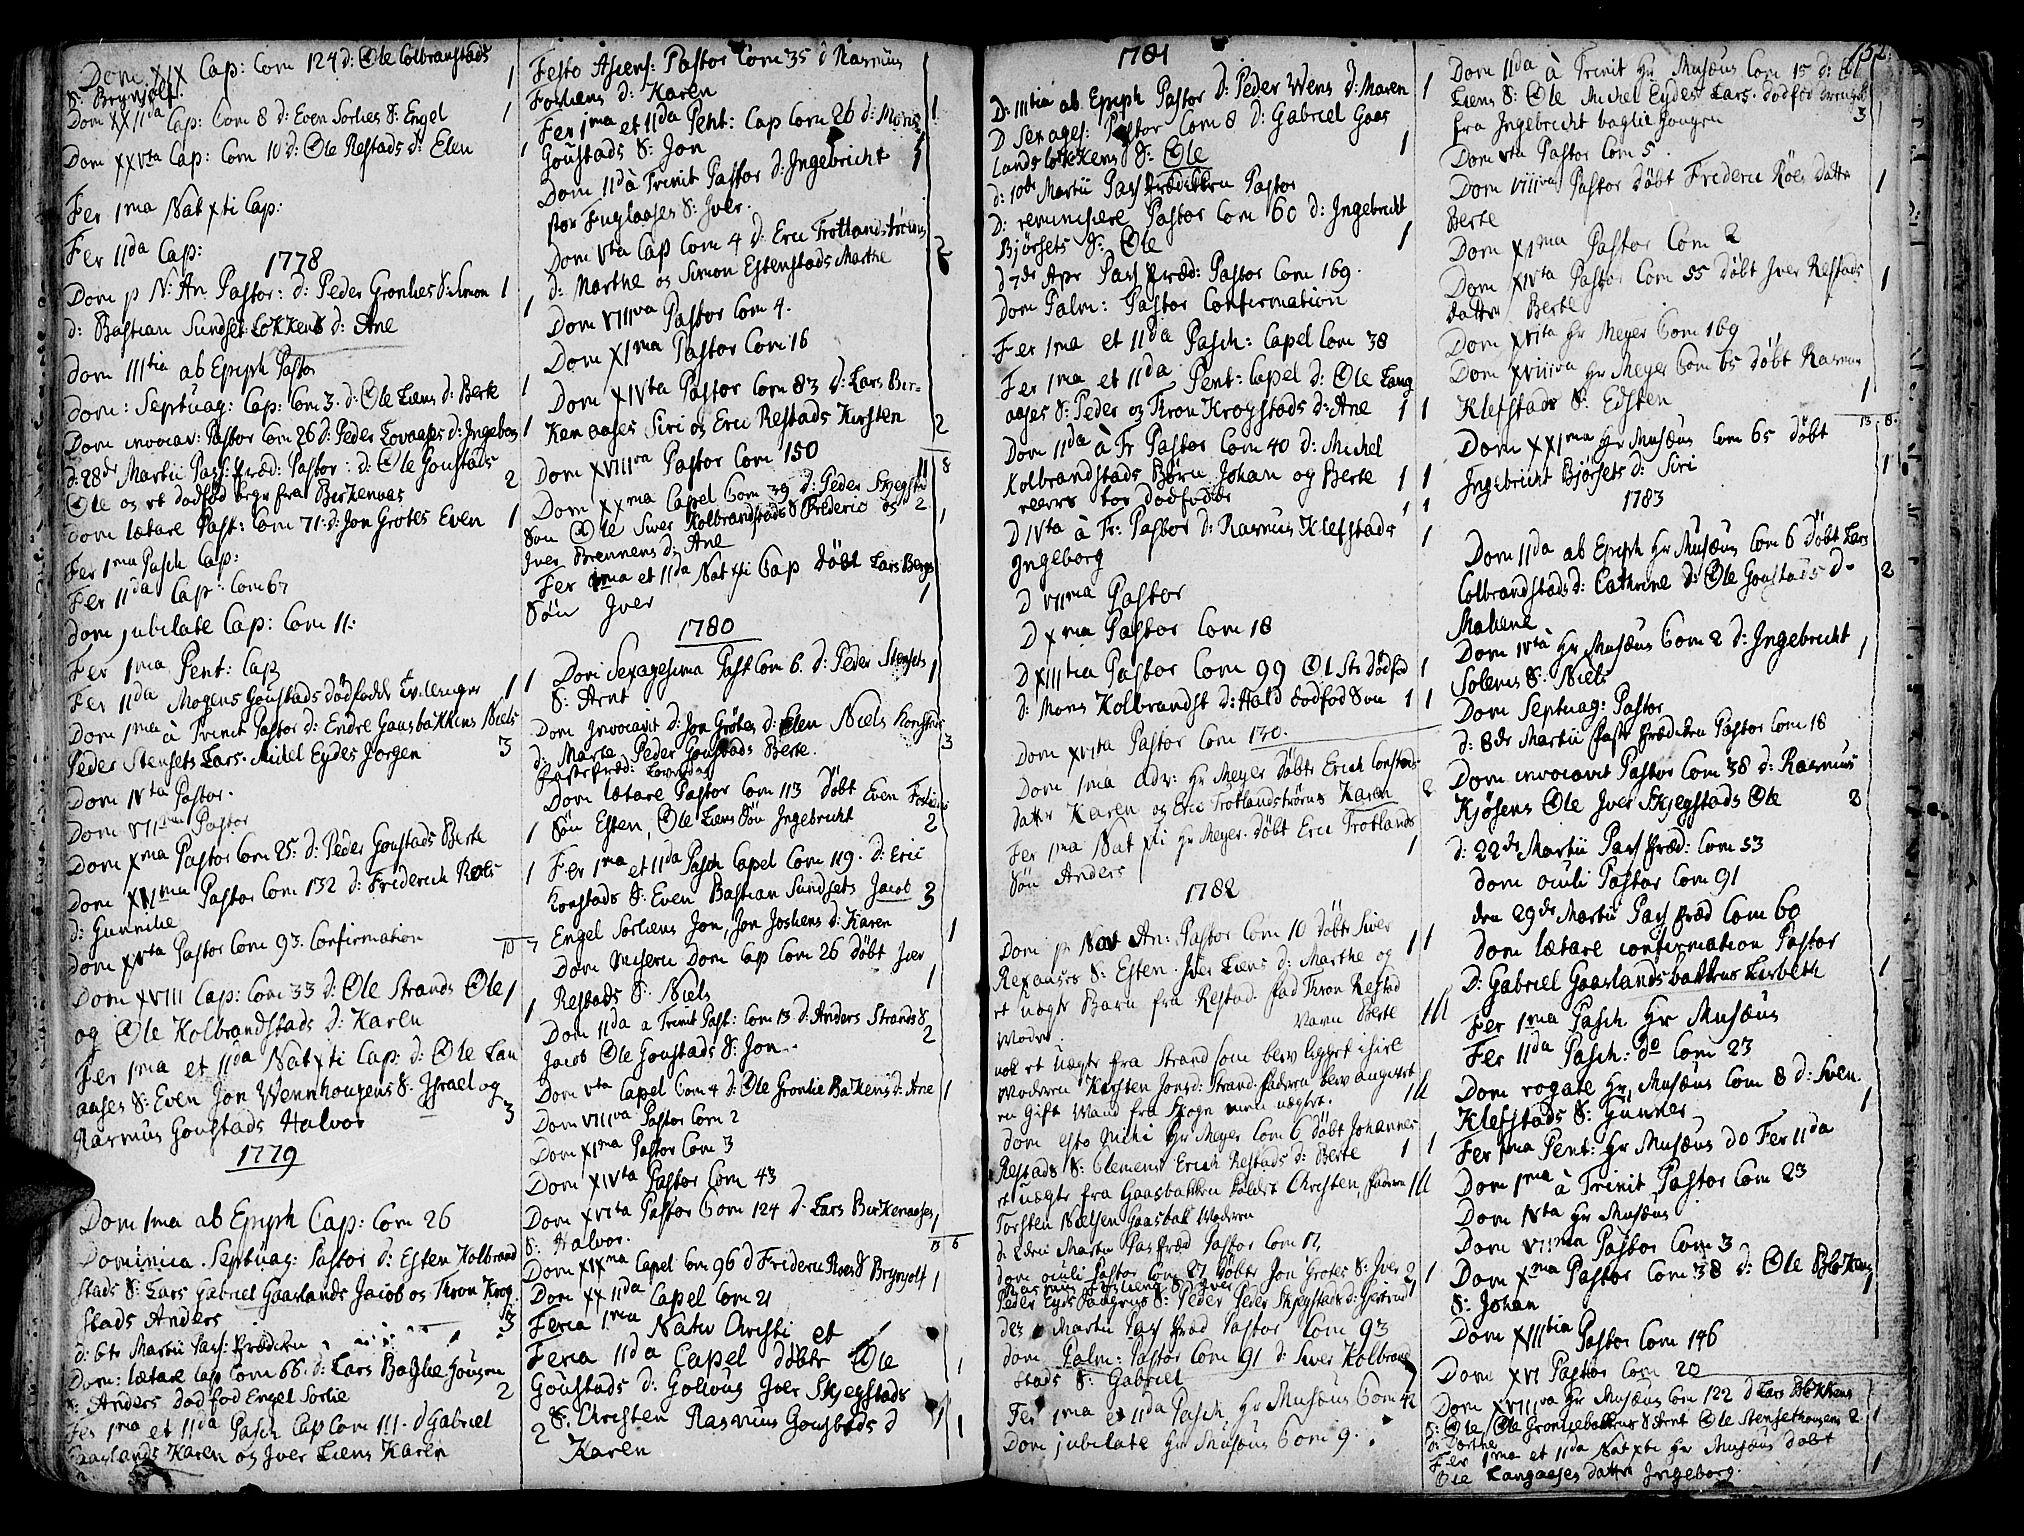 SAT, Ministerialprotokoller, klokkerbøker og fødselsregistre - Sør-Trøndelag, 691/L1064: Ministerialbok nr. 691A02 /4, 1768-1815, s. 152